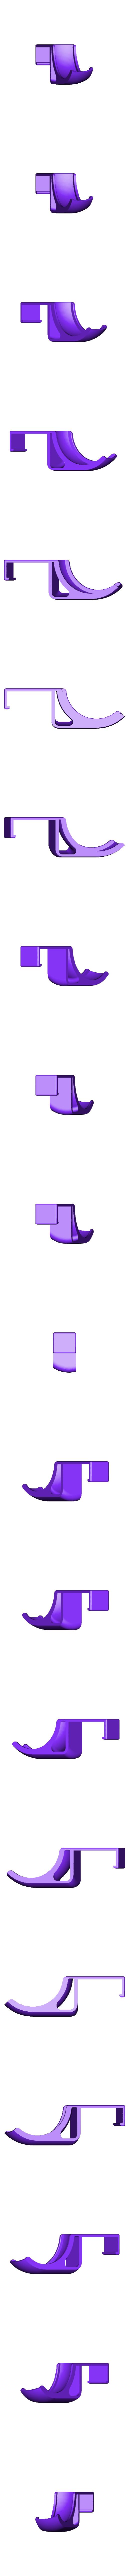 Poang_touch_mount.stl Télécharger fichier STL gratuit Le mont Oculus Touch pour Ikea Poang • Modèle imprimable en 3D, Duderstroger